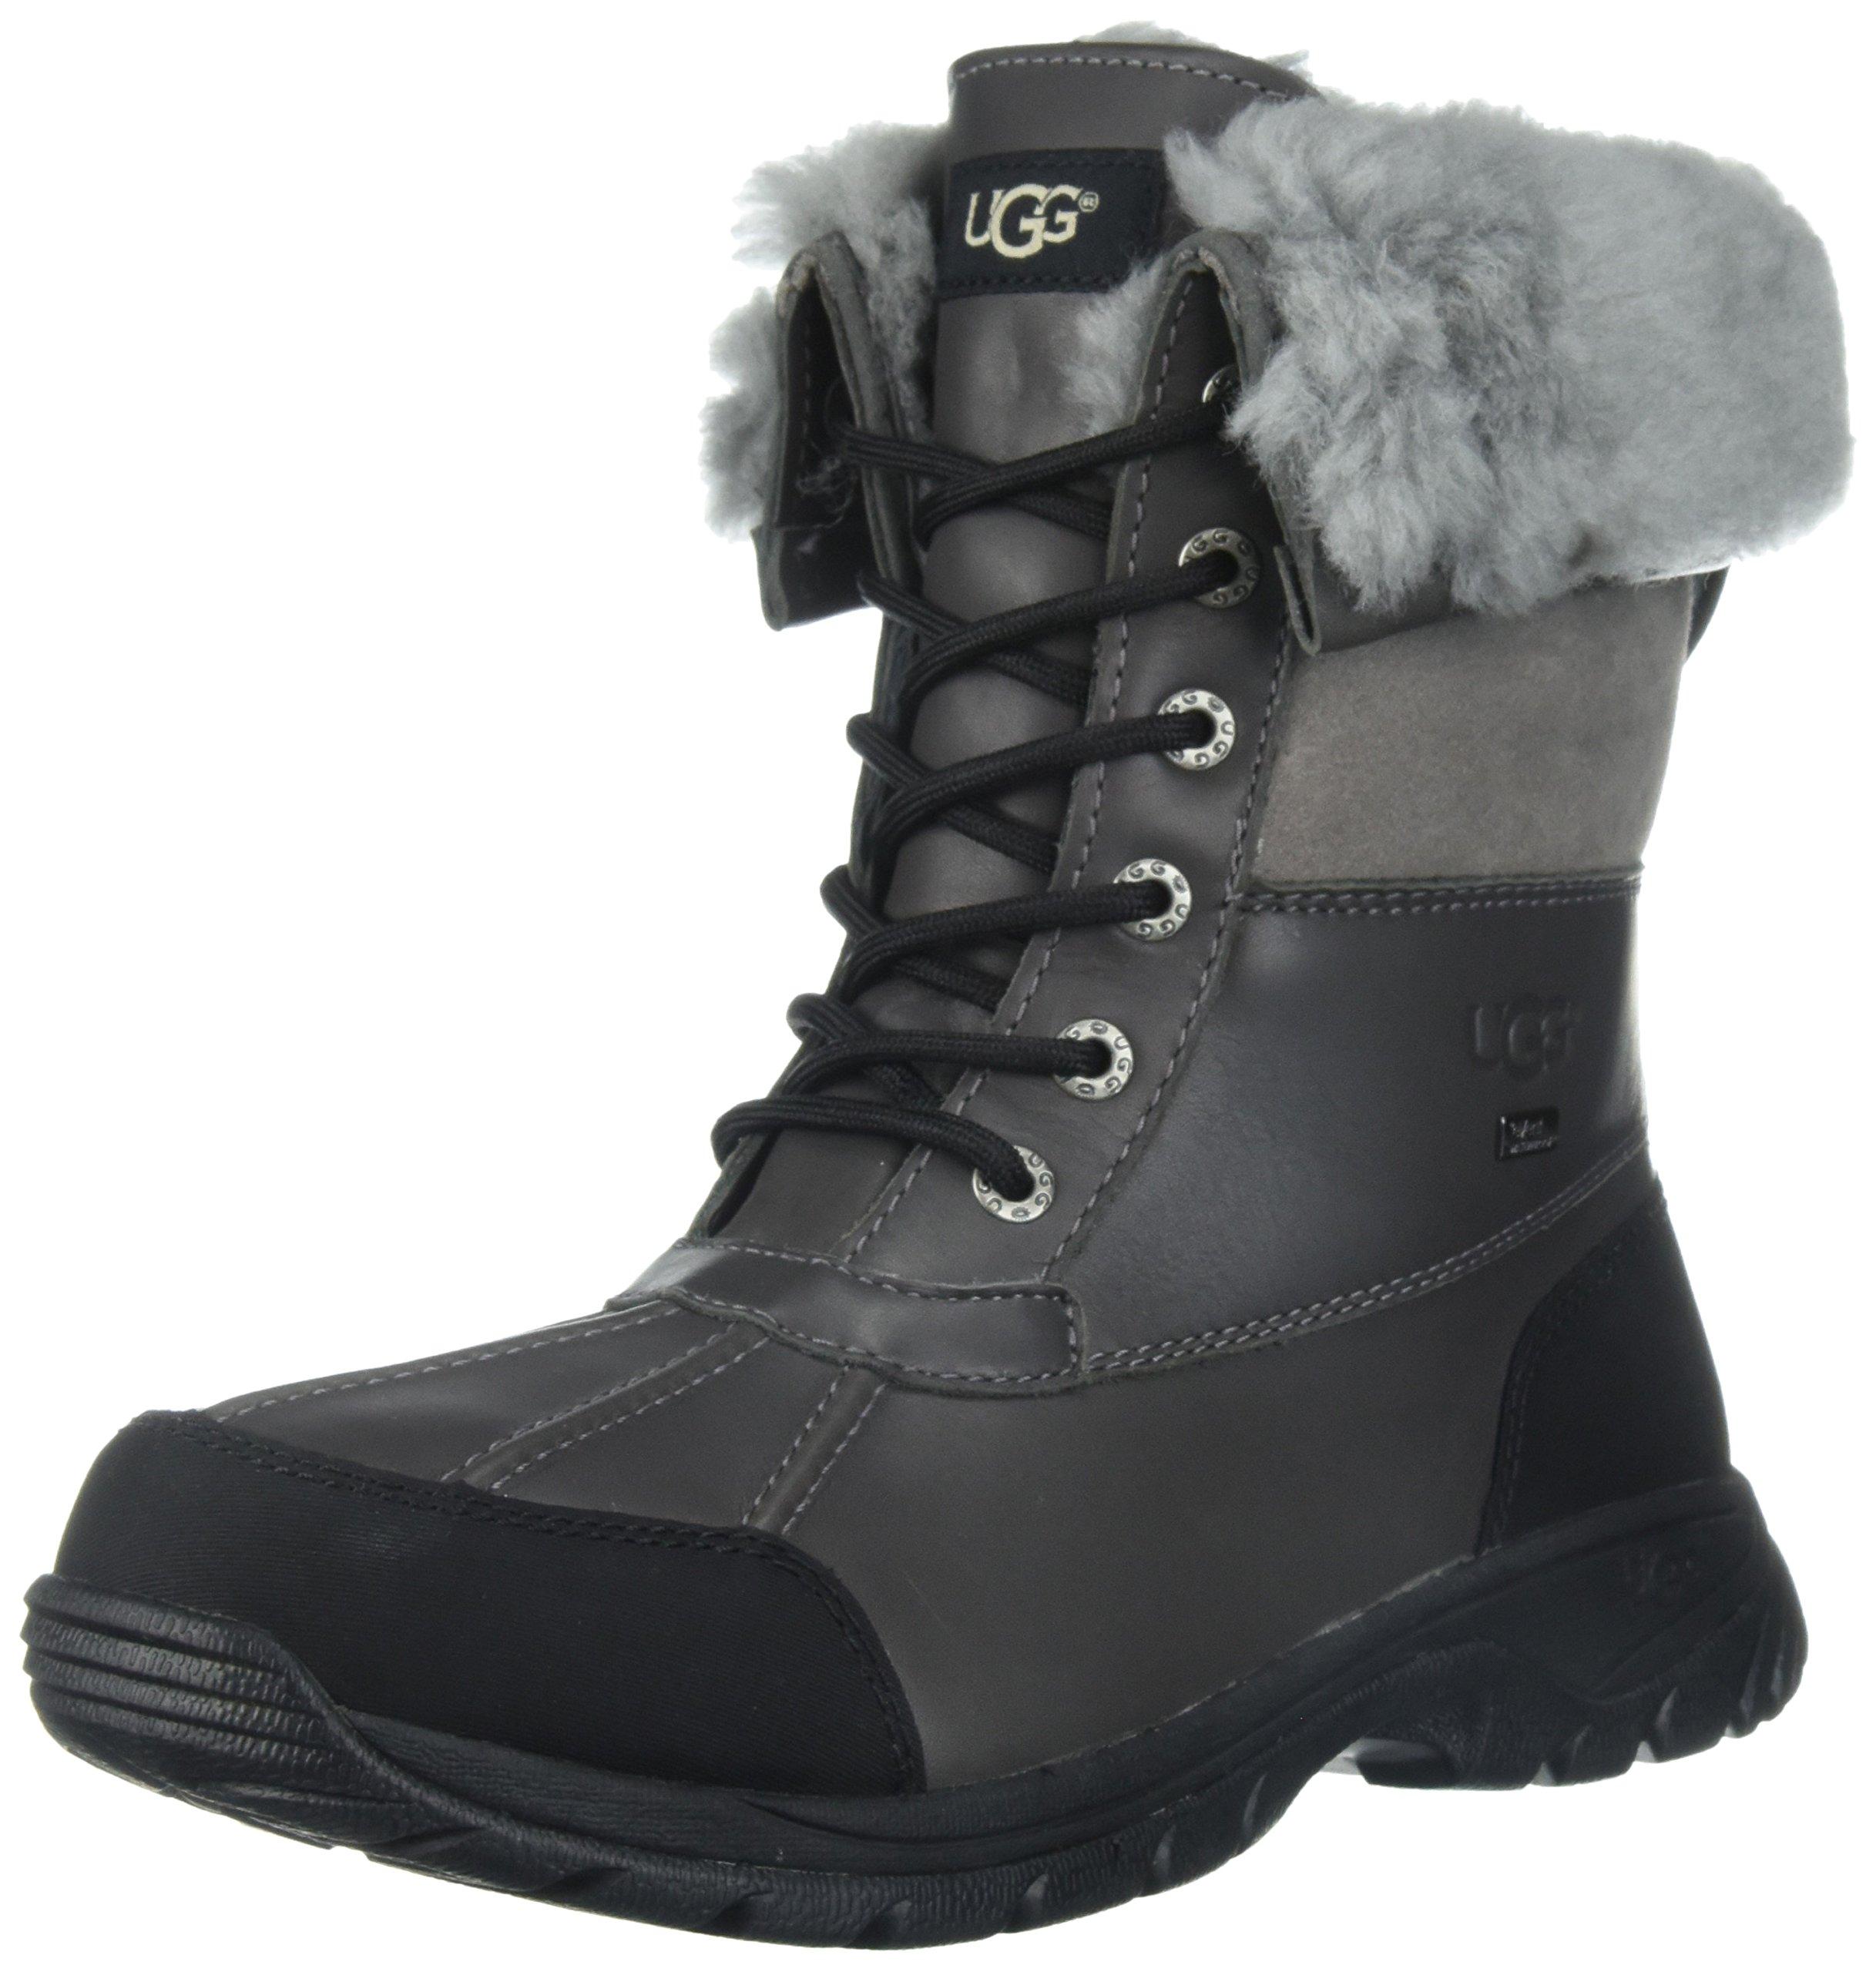 Ugg Men's Butte Snow Boot, Metal, 10.5 M US